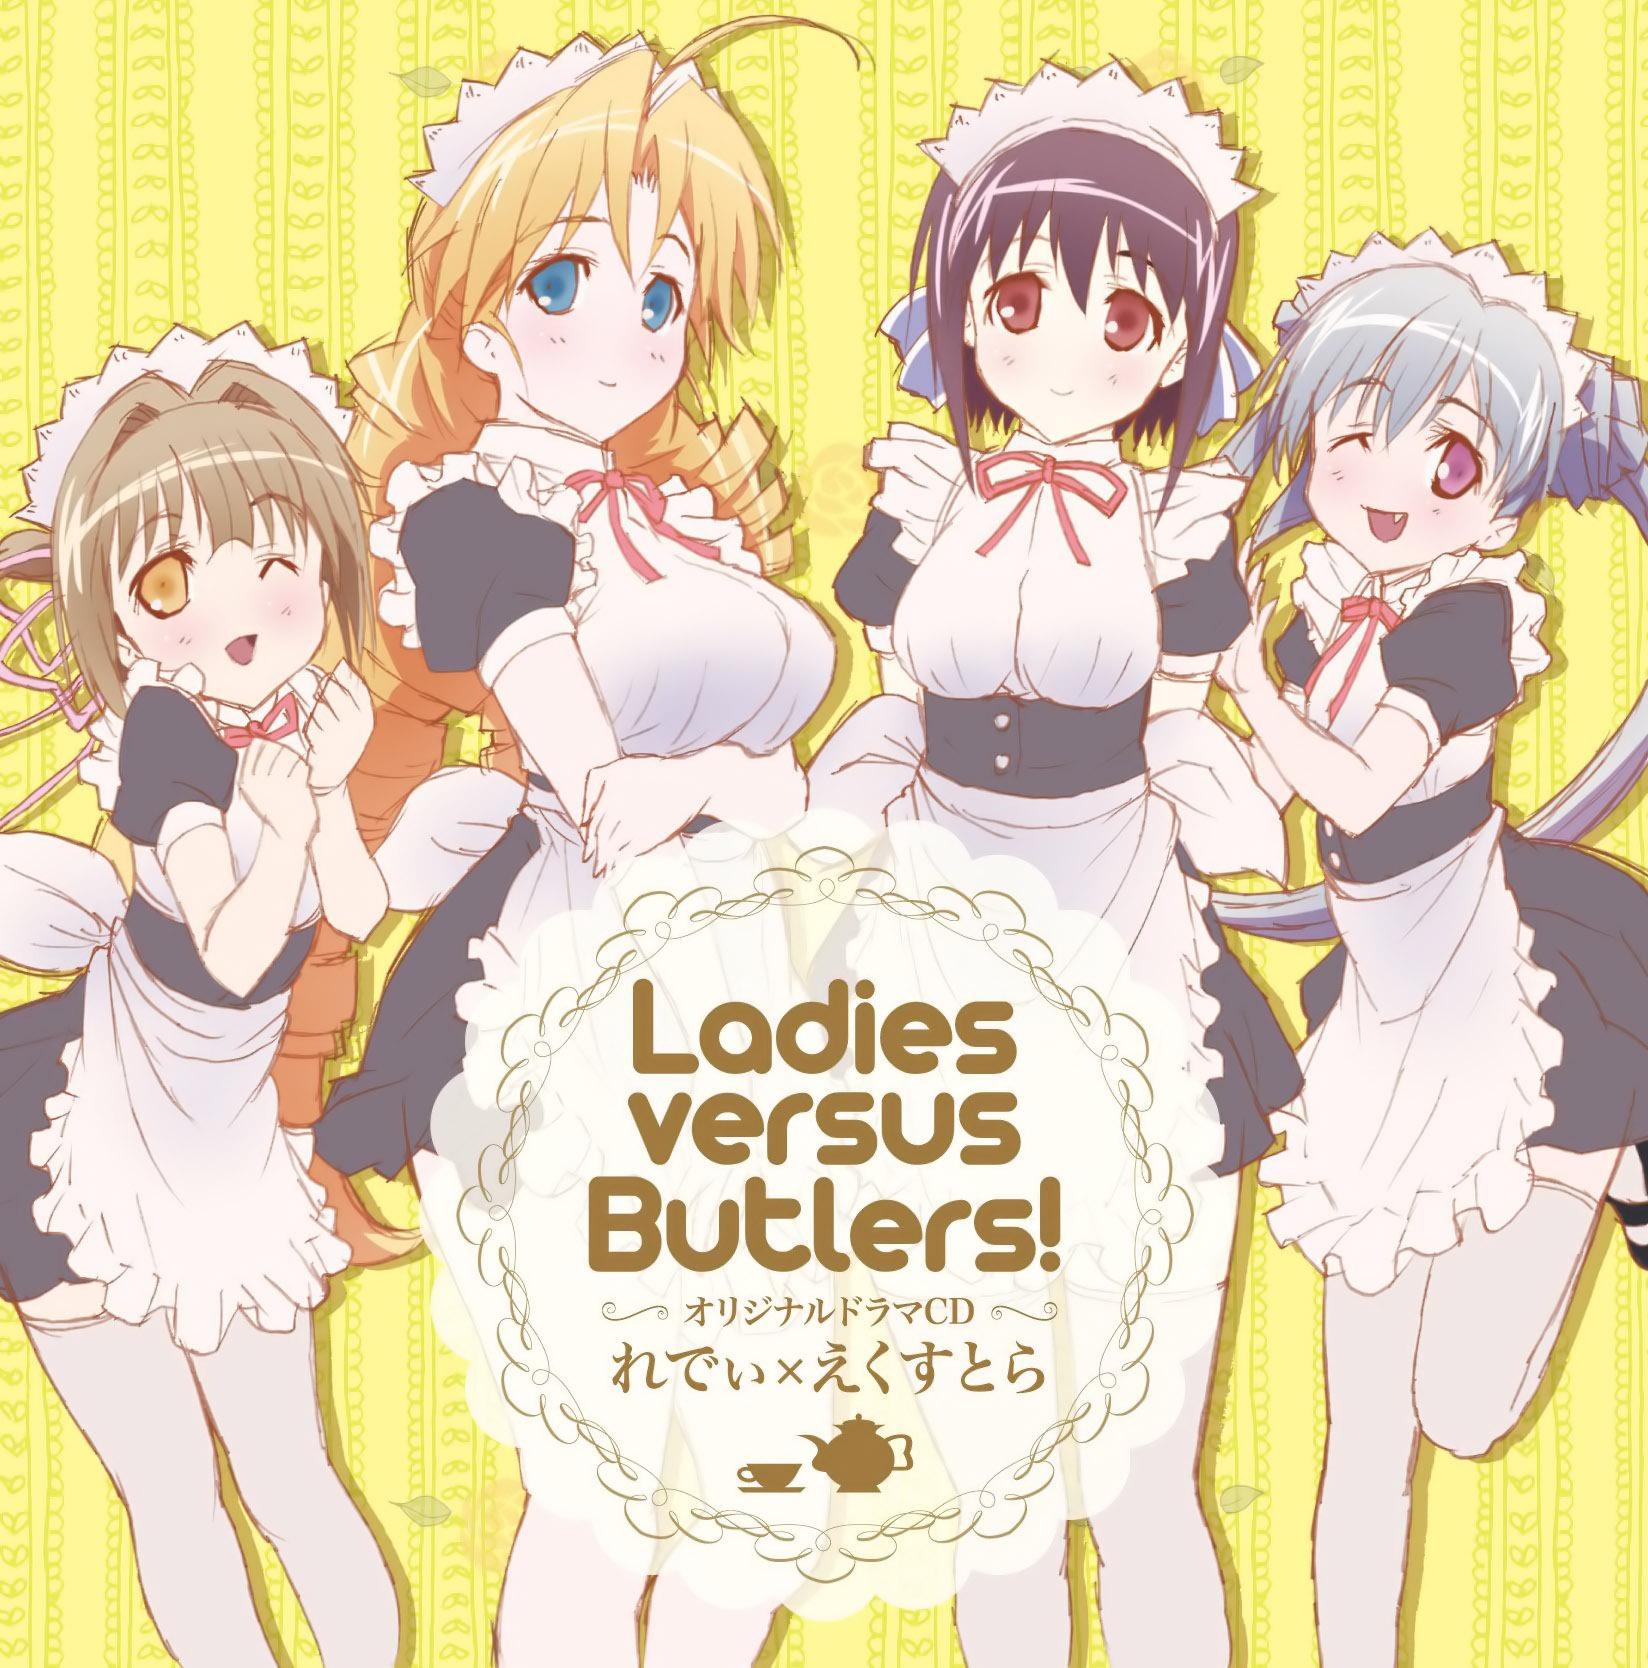 Versus butlers ladies Ladies versus